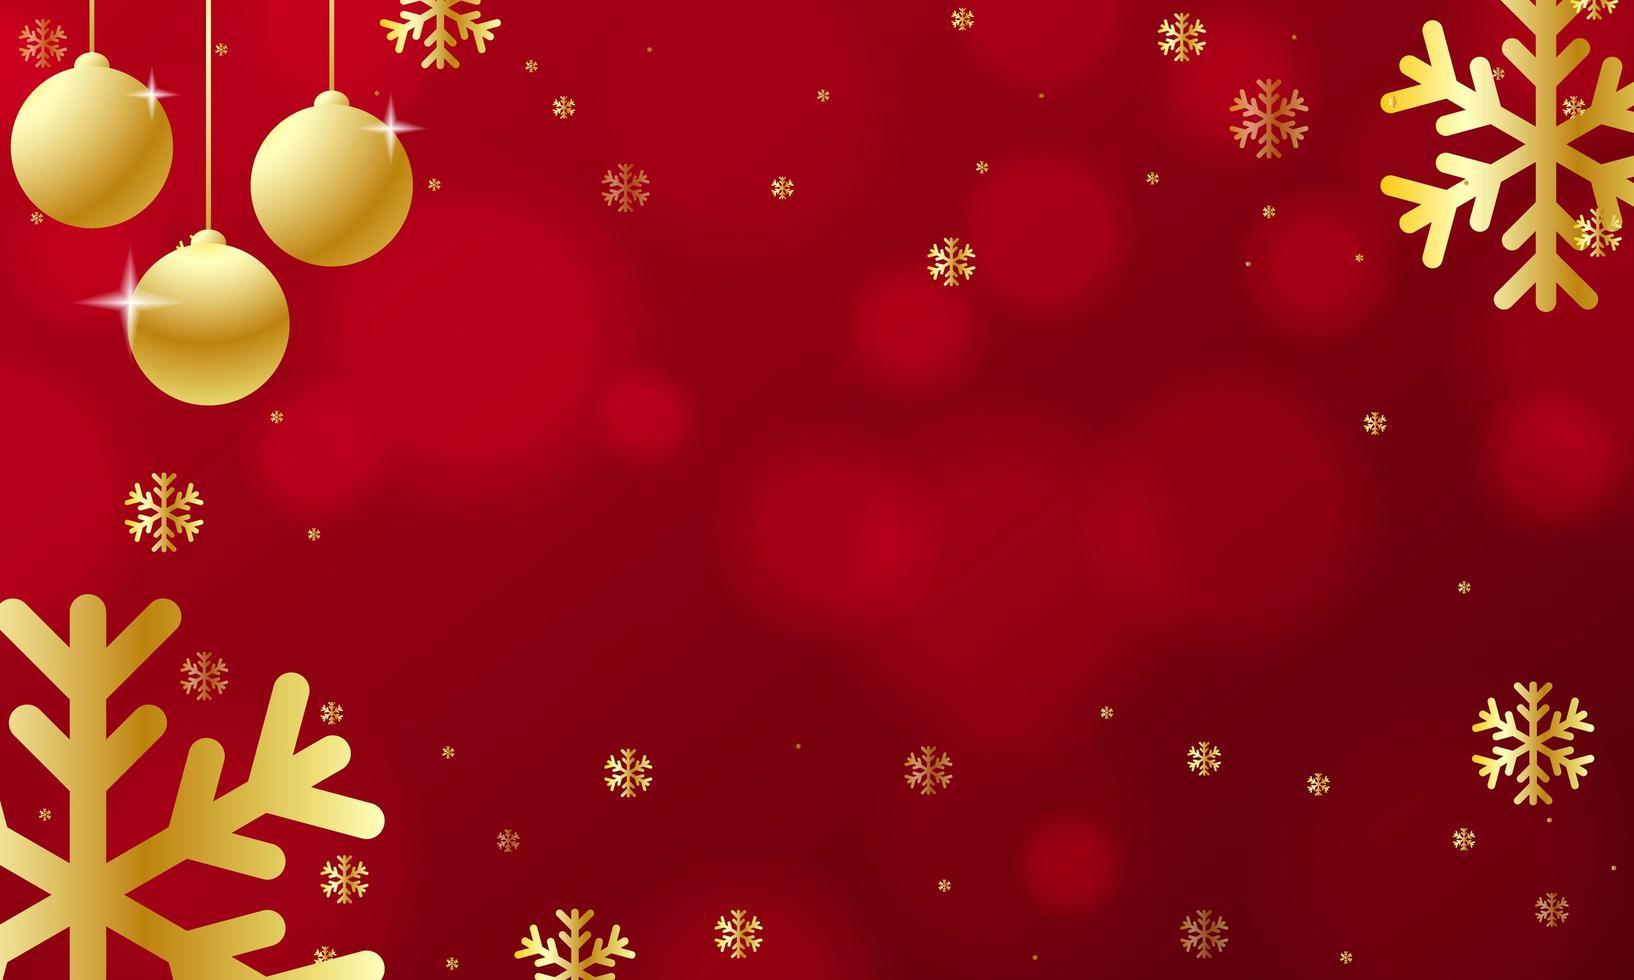 enfeites de natal dourados e flocos de neve em bokeh vermelho vetor